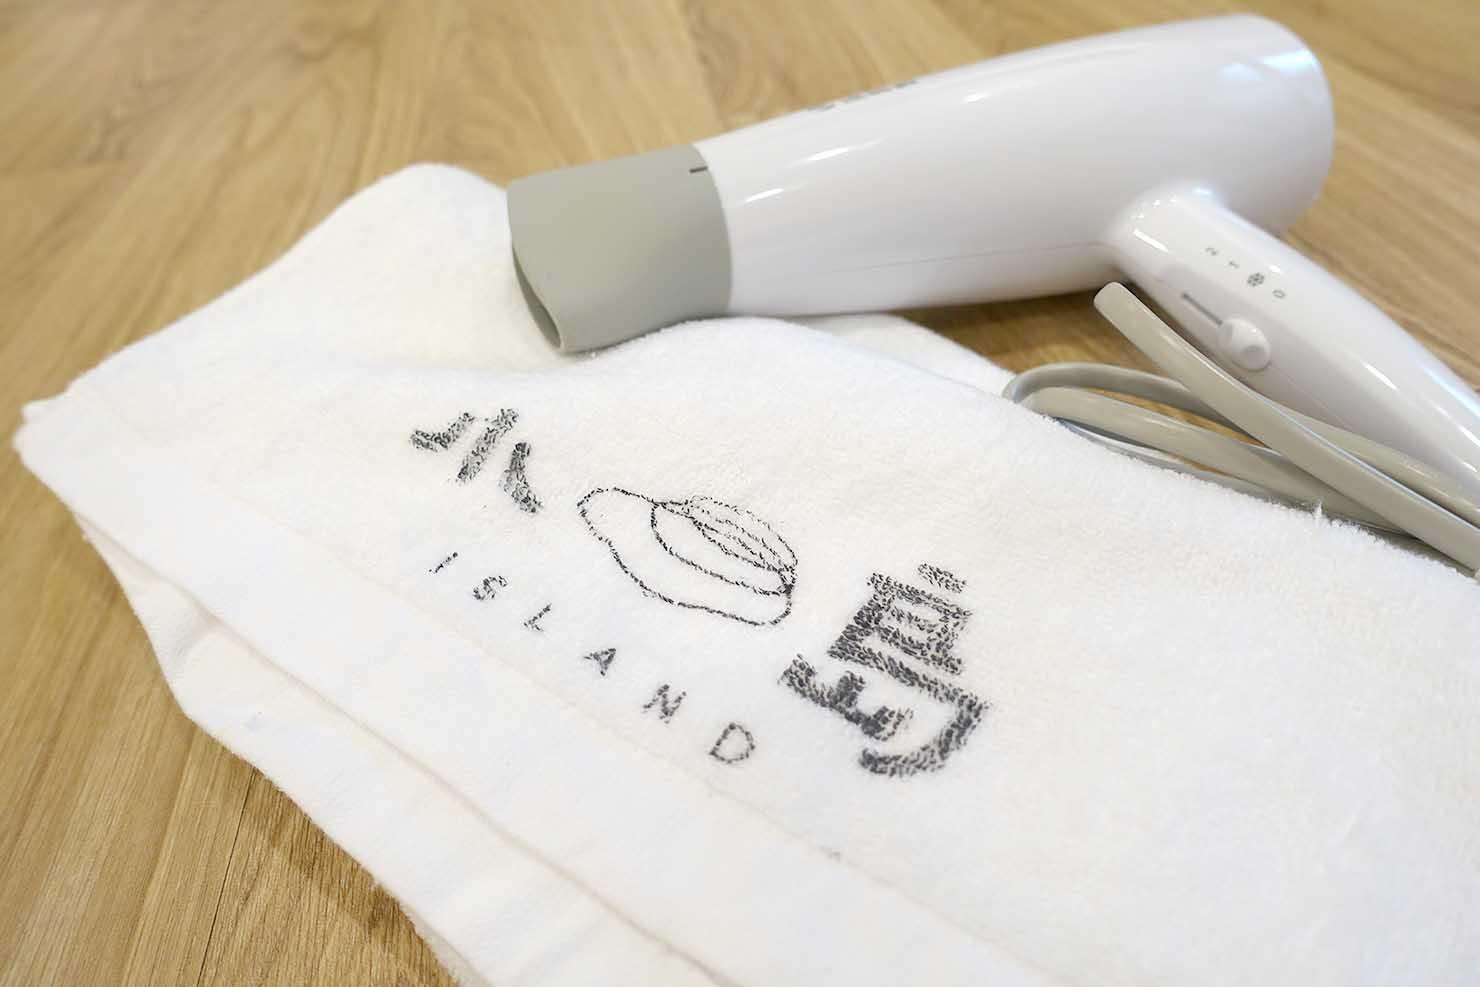 高雄・美麗島駅徒歩3分の立地最高なおすすめホテル「小島公寓 Island House」ダブルルームのタオルとドライヤー